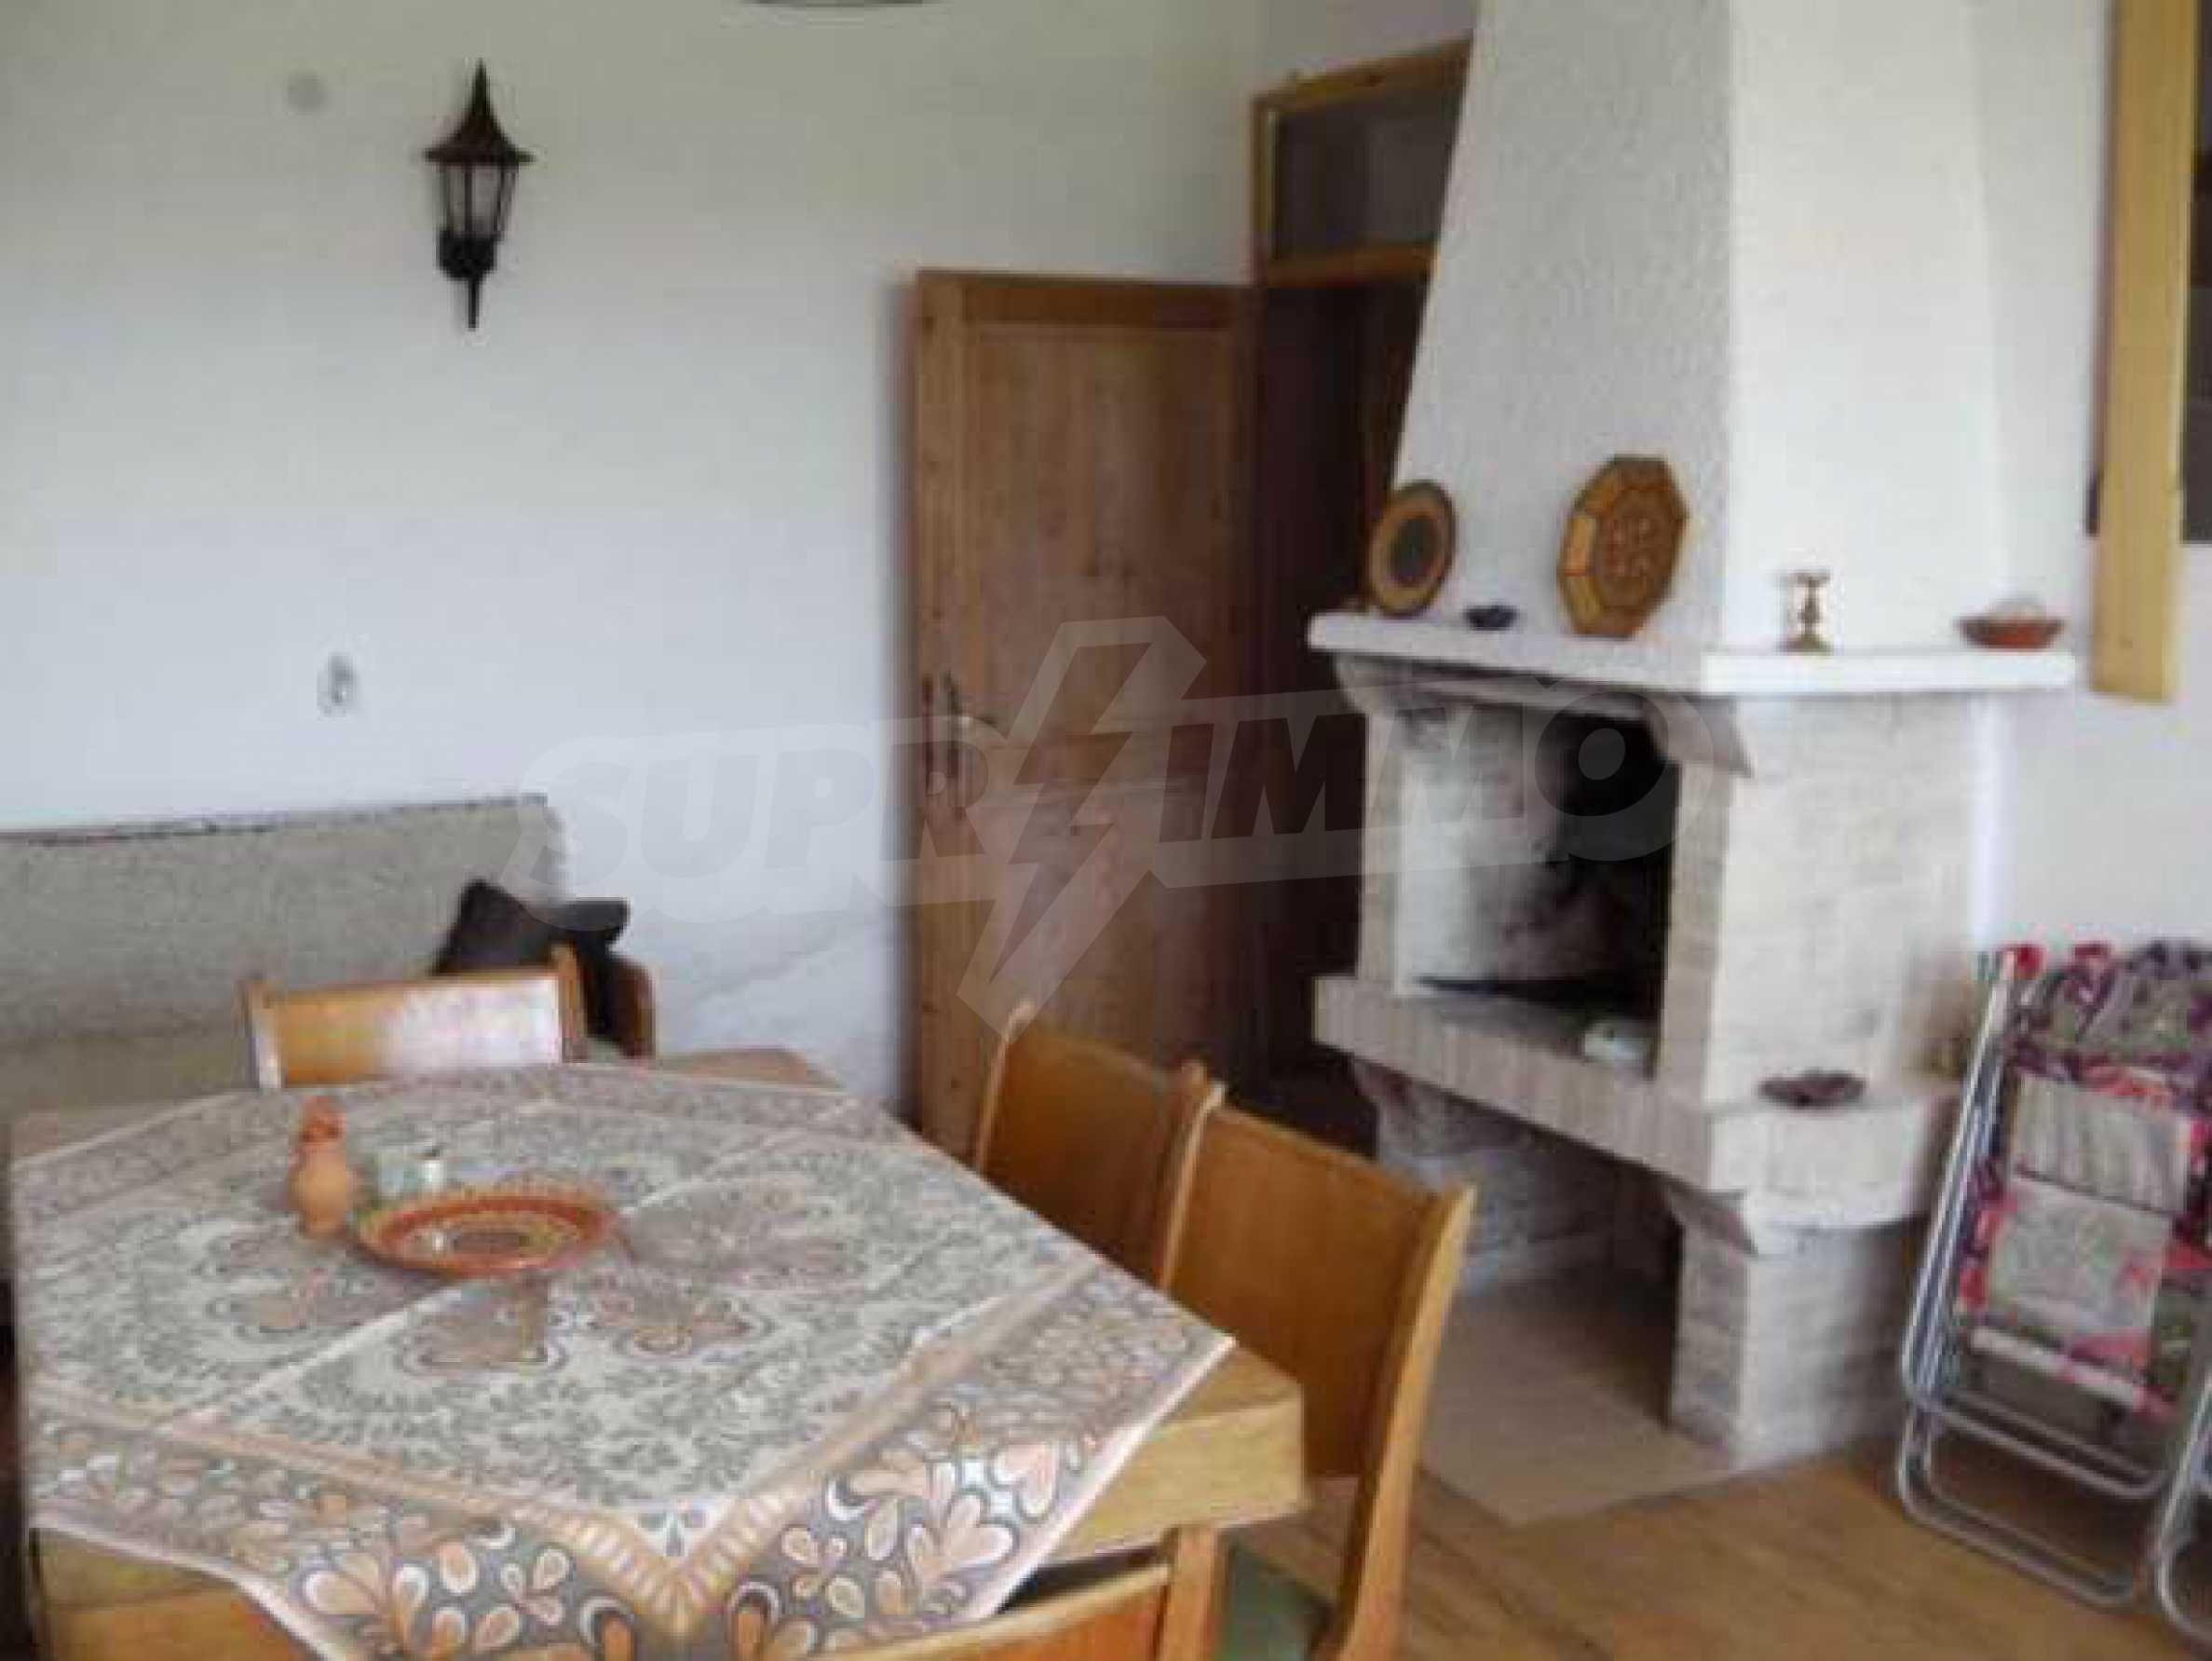 Двуетажна  къща с двор  в село на 11 км от Велико Търново  2